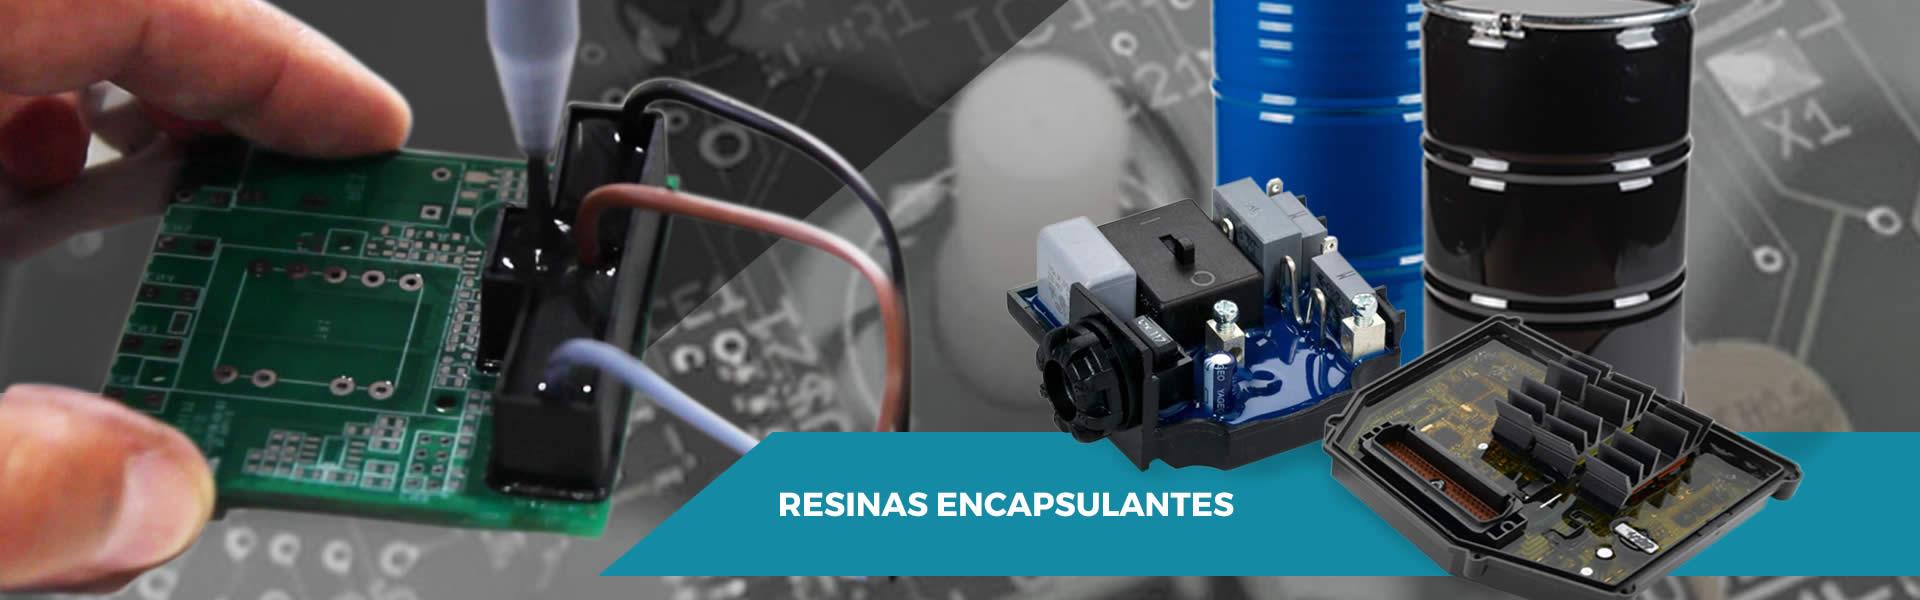 banner_resinas_encapsulantes